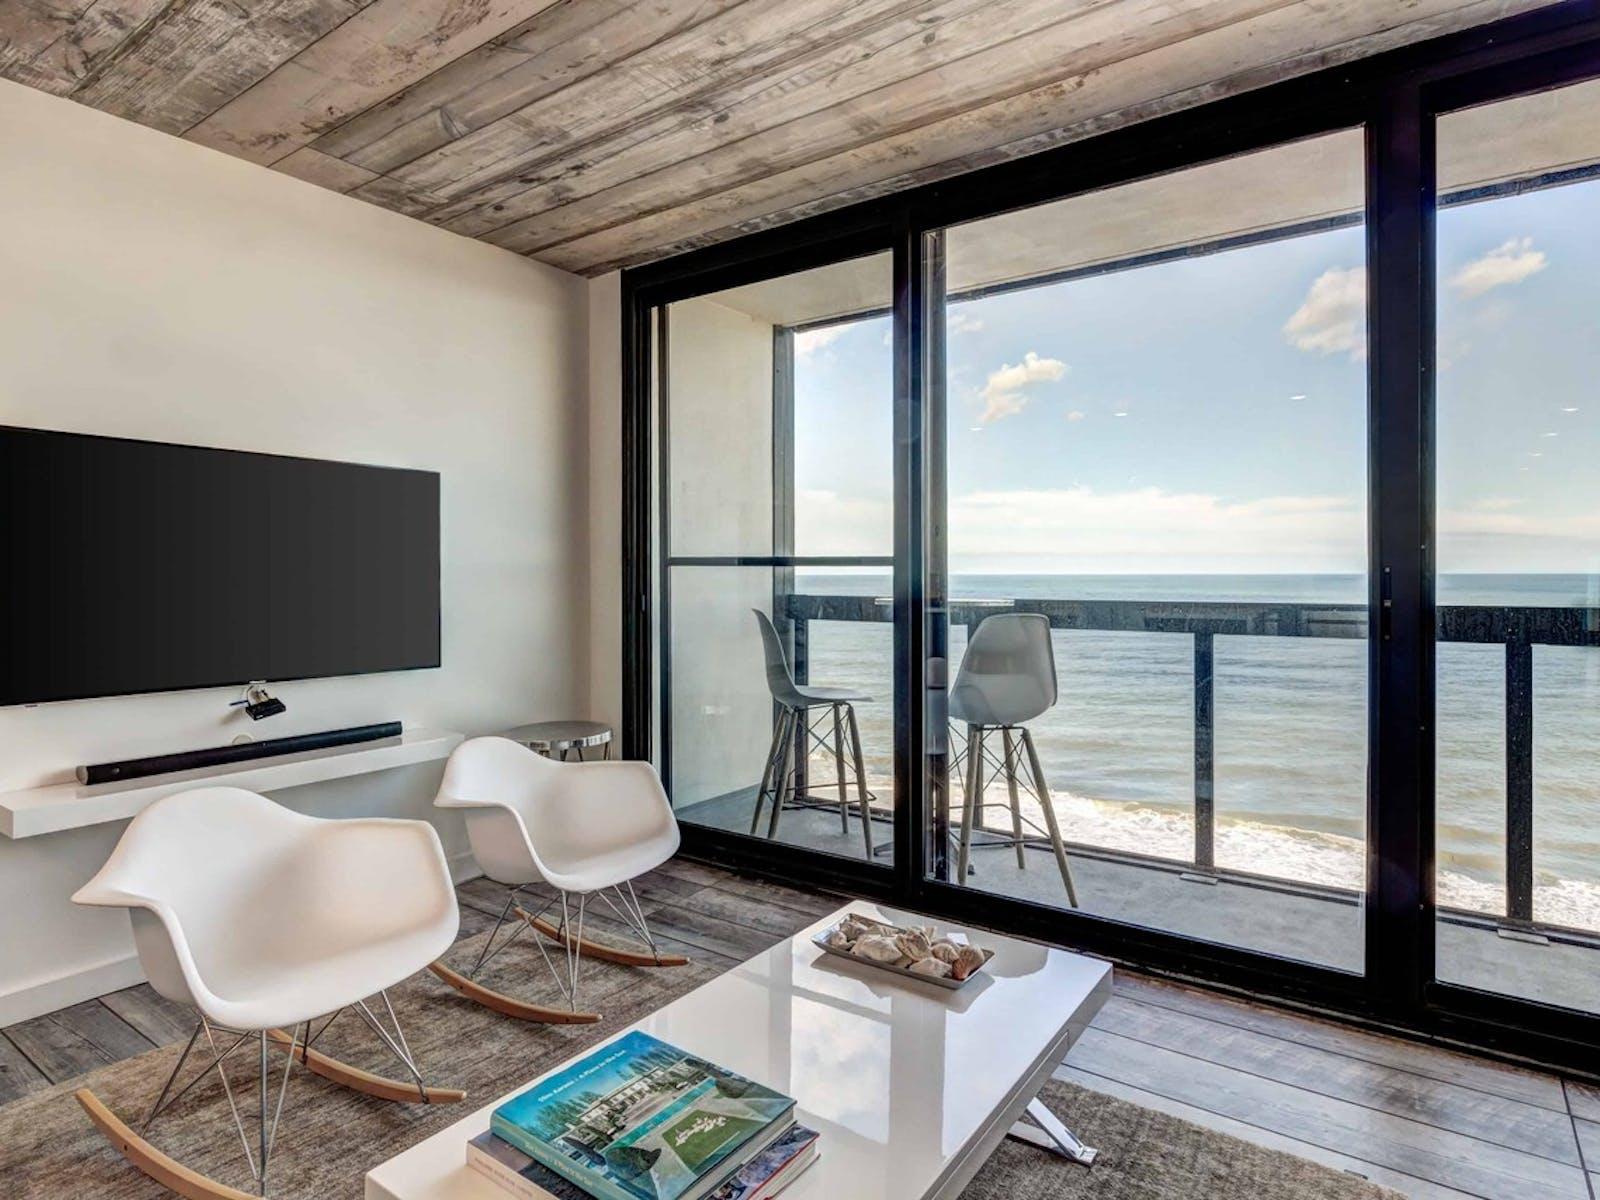 Vacation condo located in Ocean City, MD